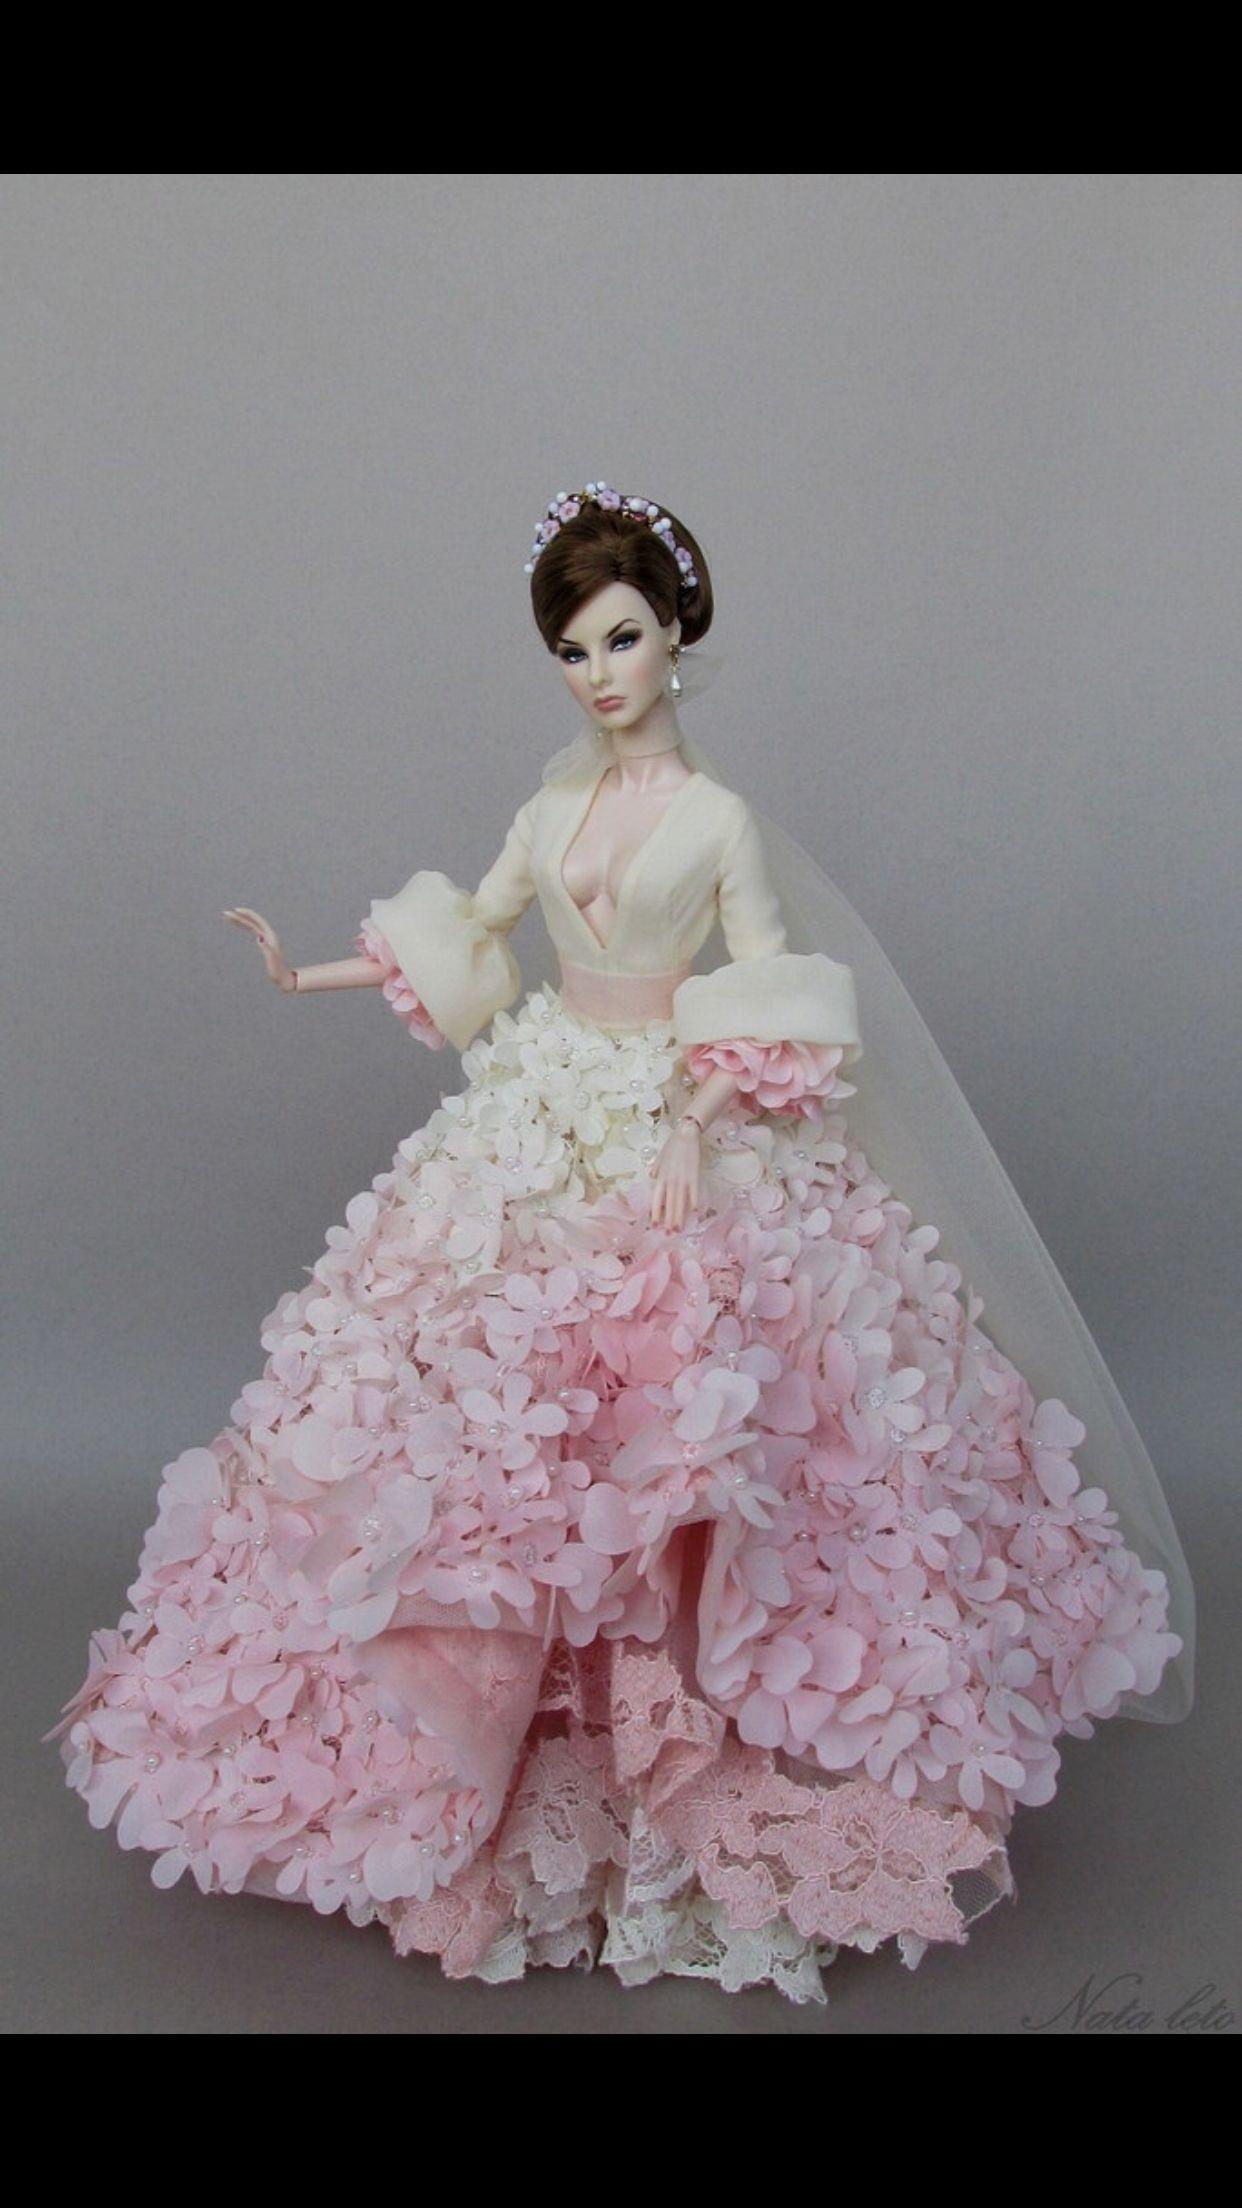 Pin von Zharazam auf Vestidos de barbie | Pinterest | Barbie, Barbie ...